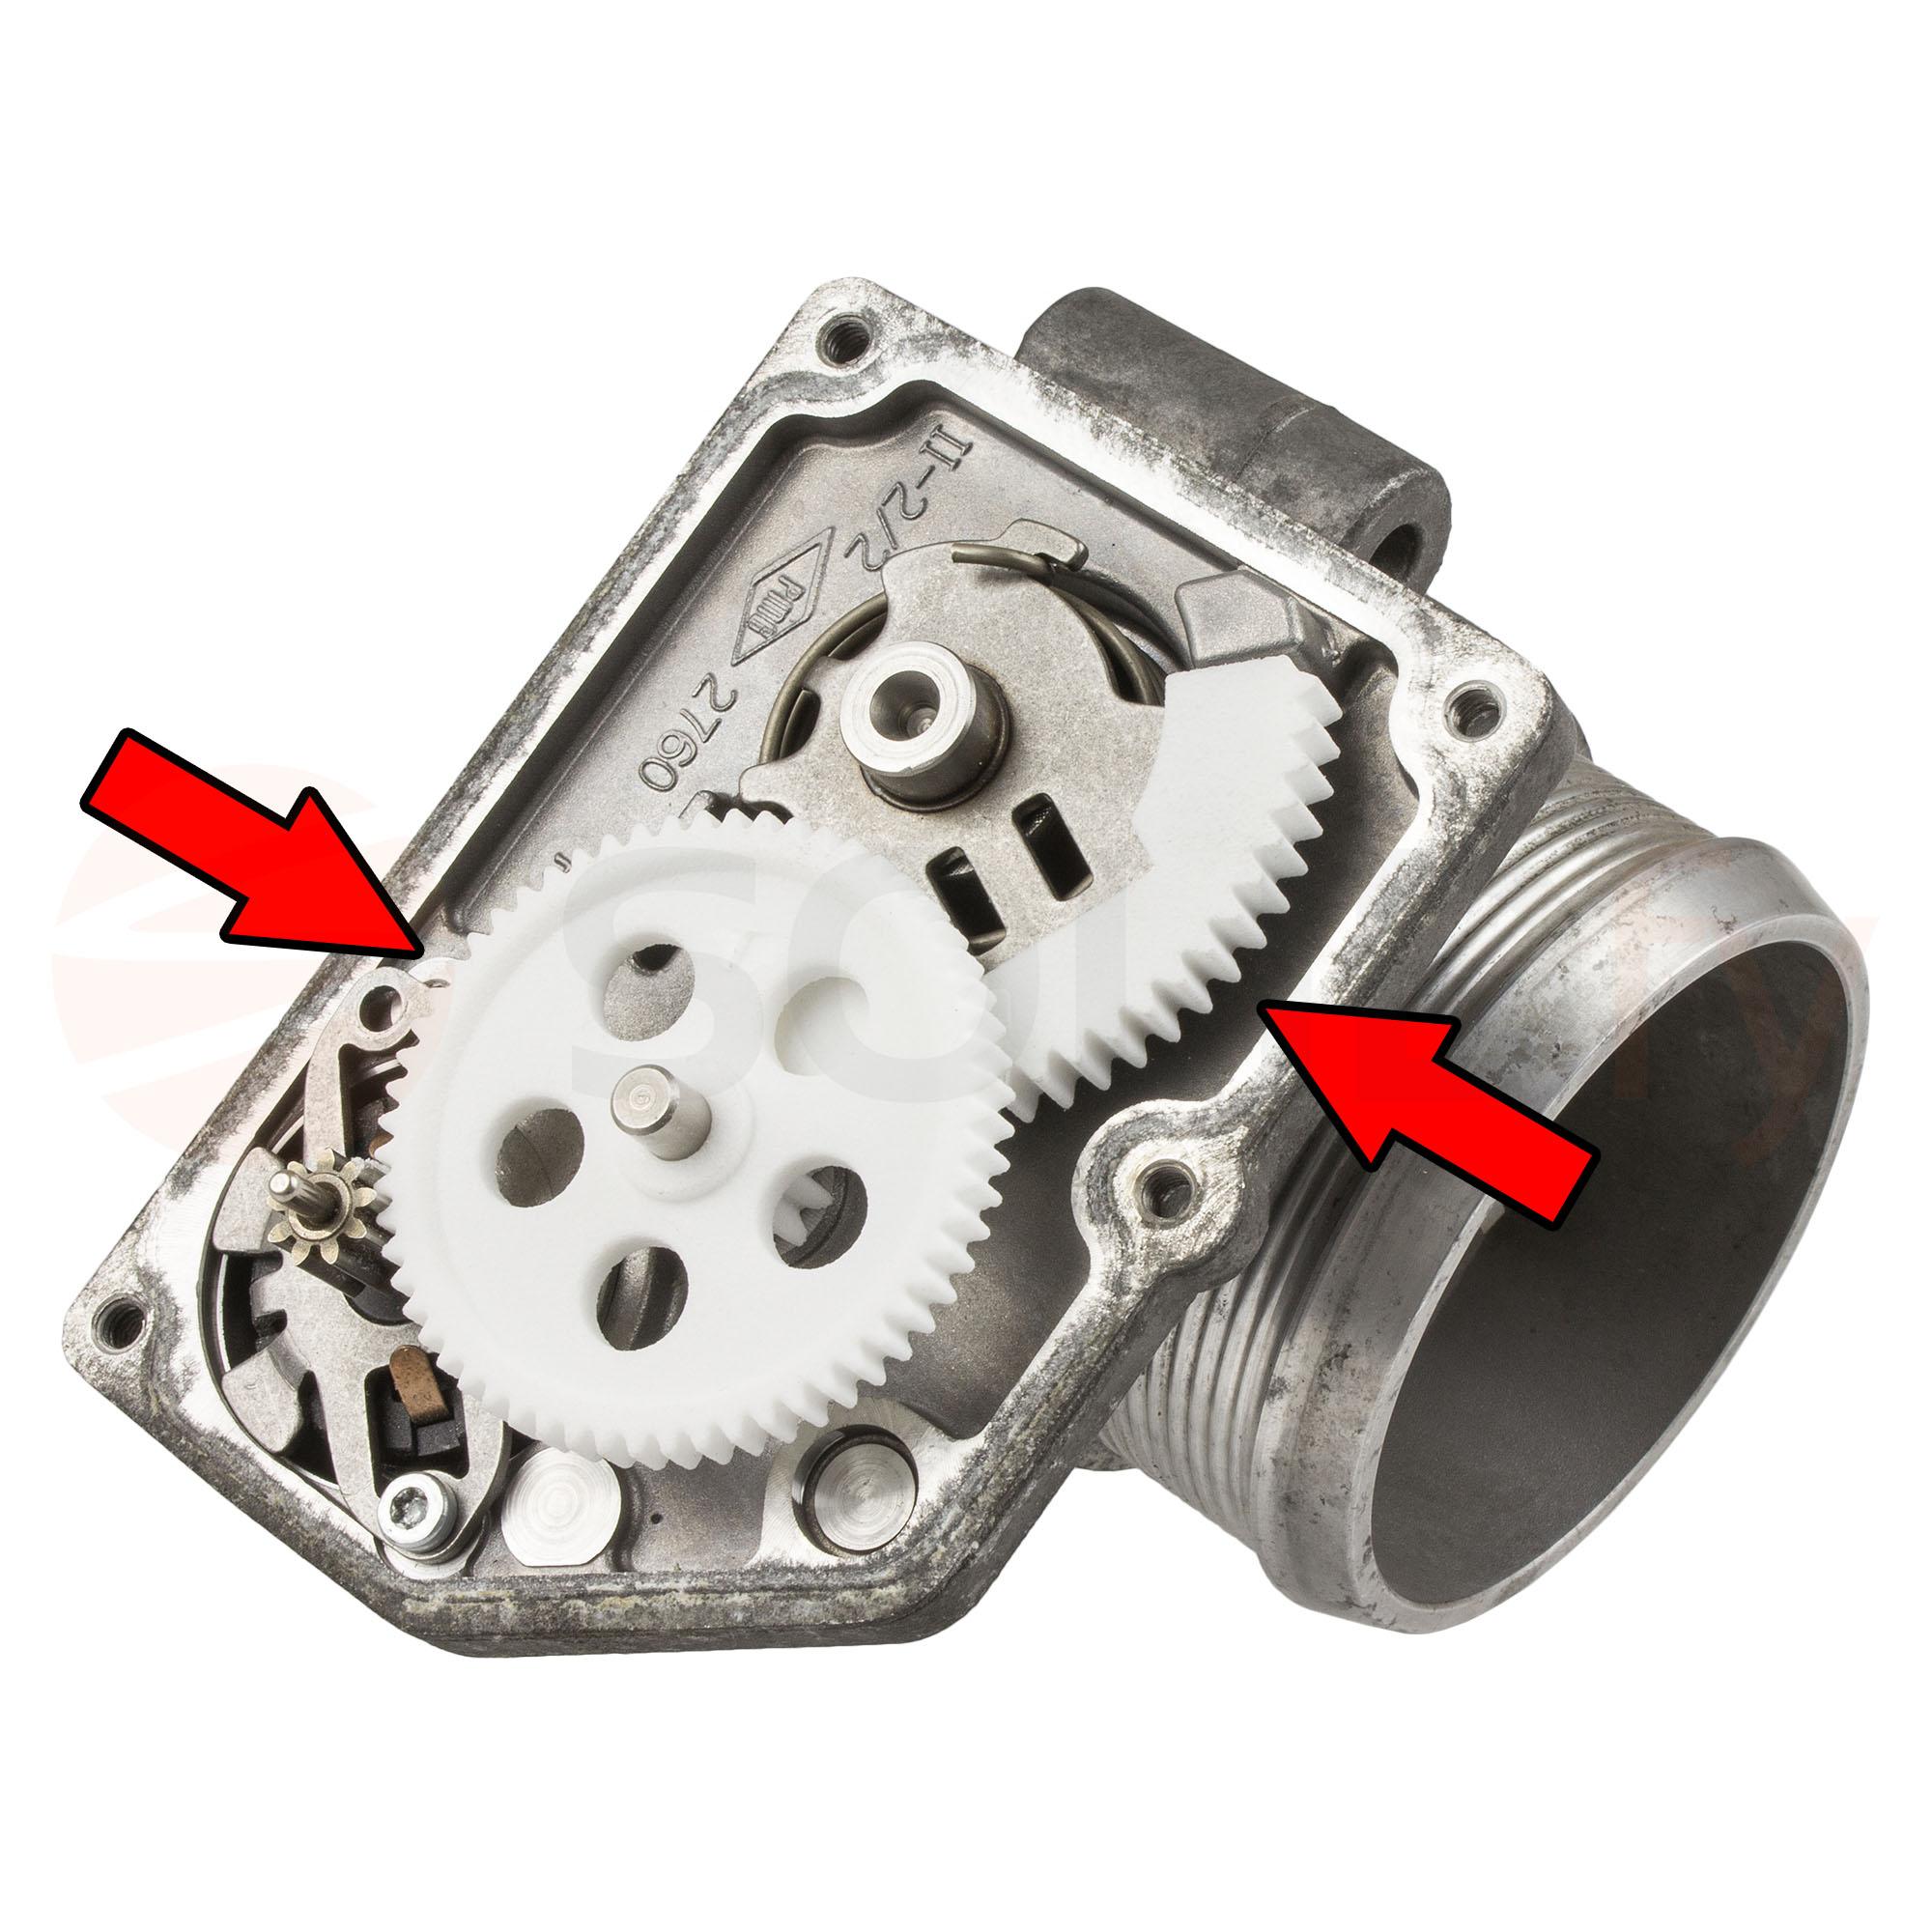 Auto Motor Einlass Diesel Swirl Flap Rohlinge Reparatursatz Mit Kr/ümmerdichtungen 6 * 22mm-Blau